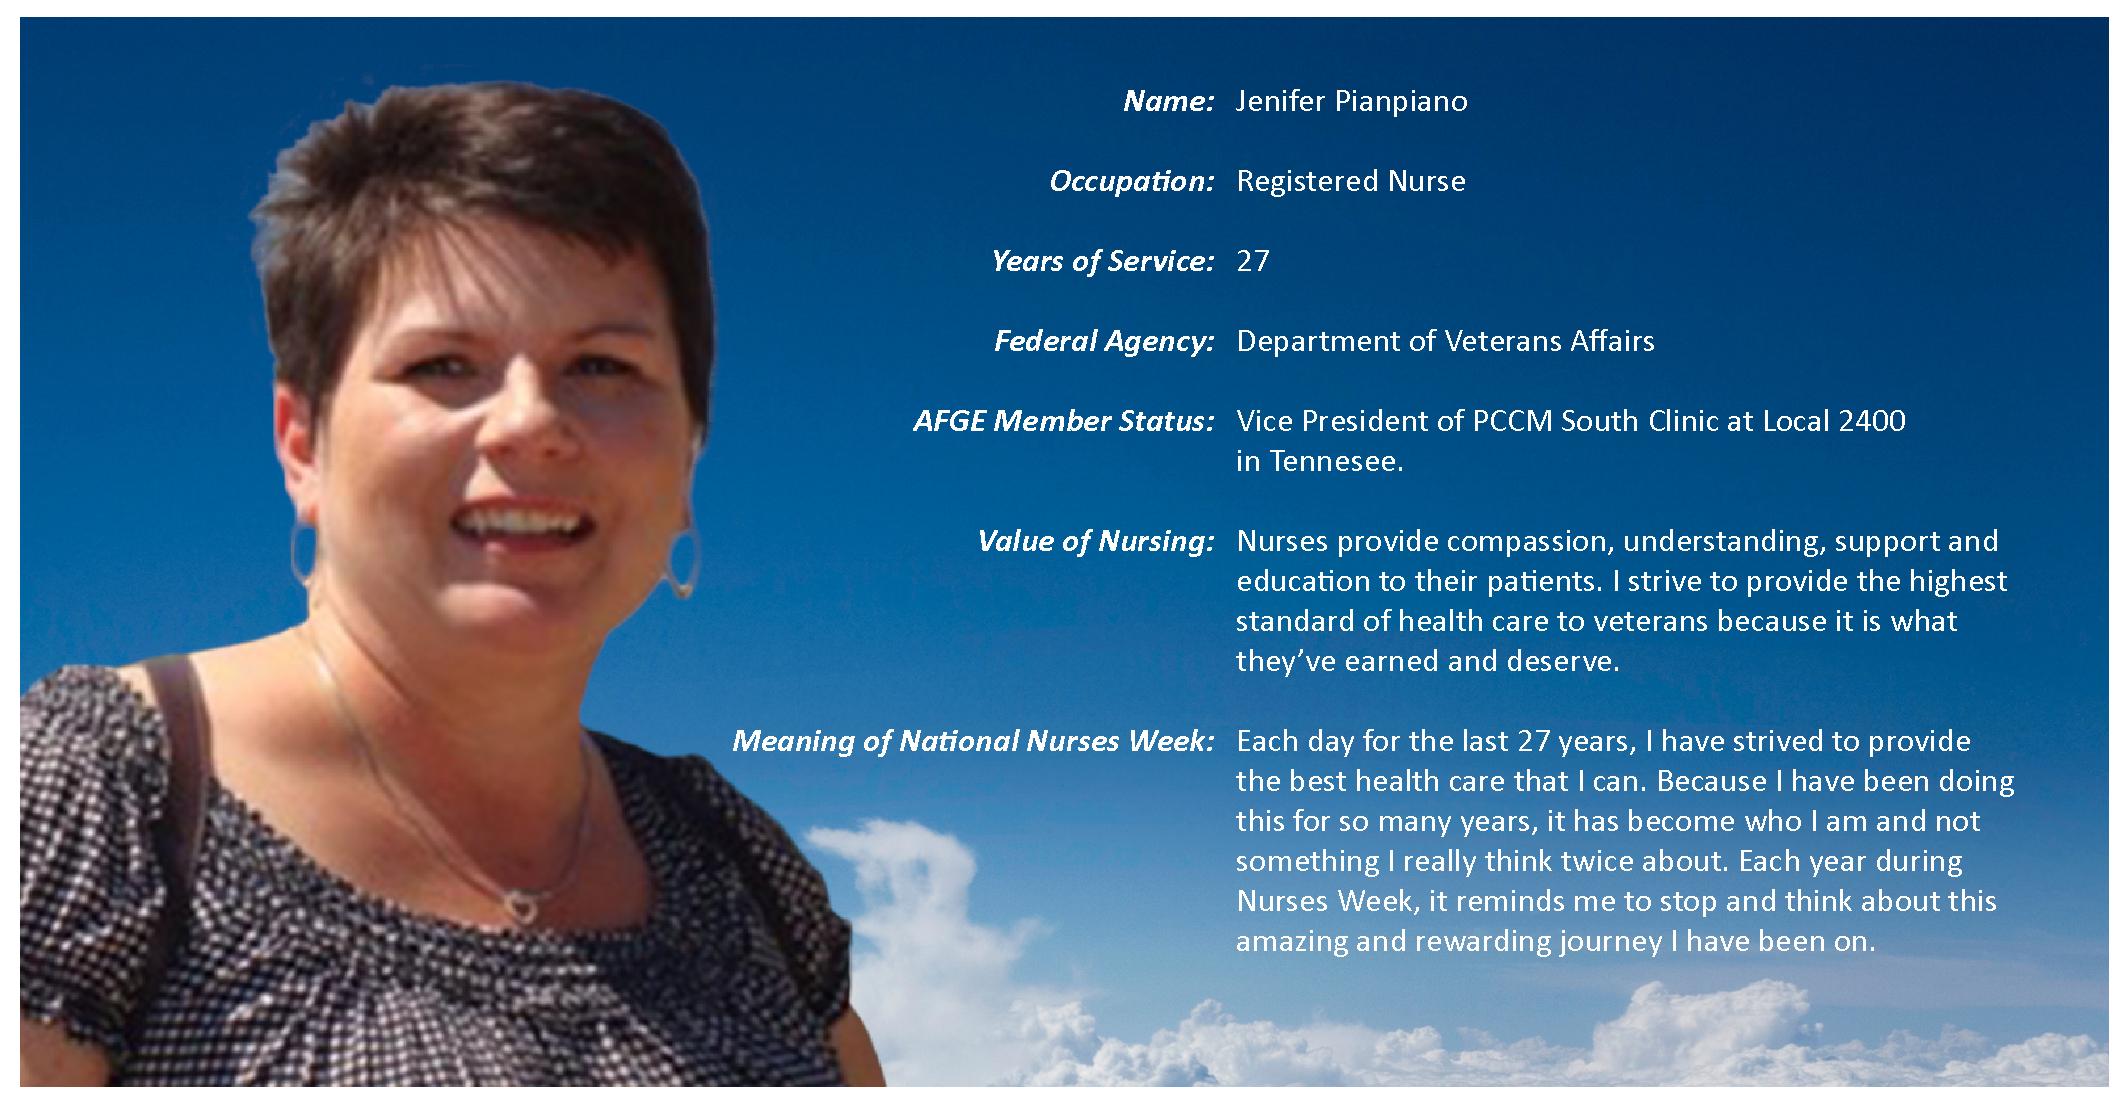 Celebrating National Nurses Week 2013 | AFGE Members Tell